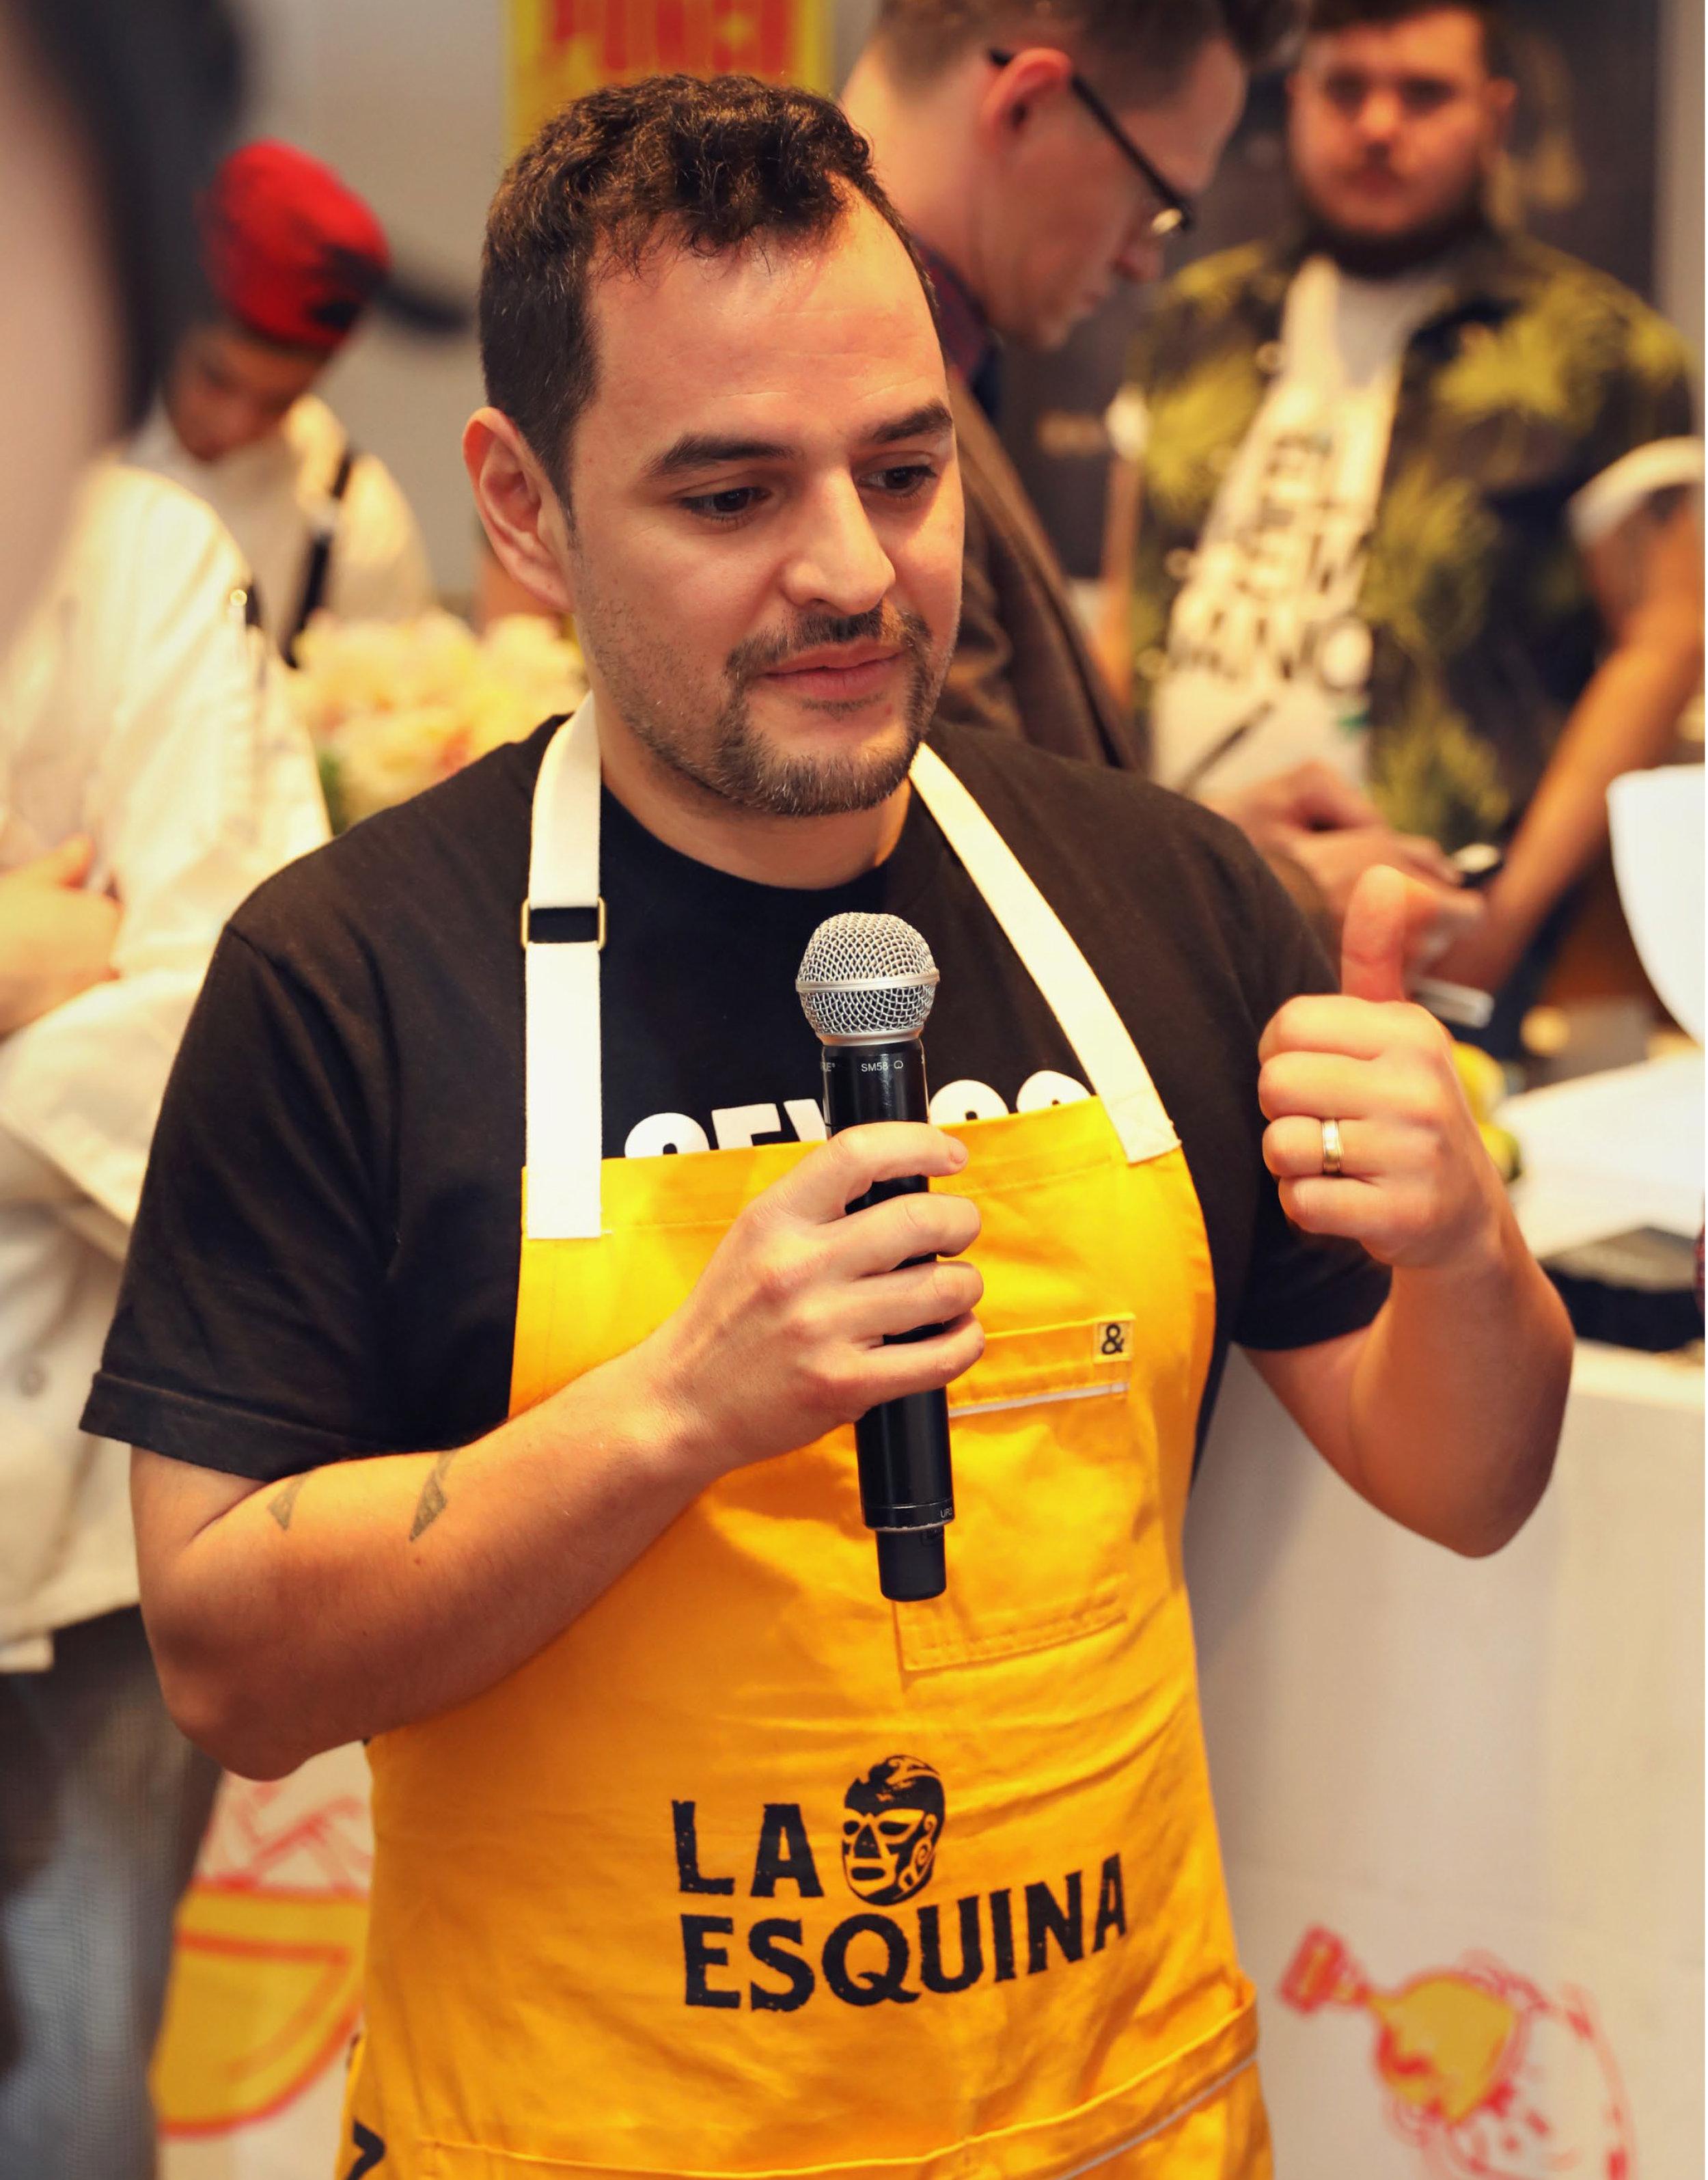 Chef Fabian Gallardo